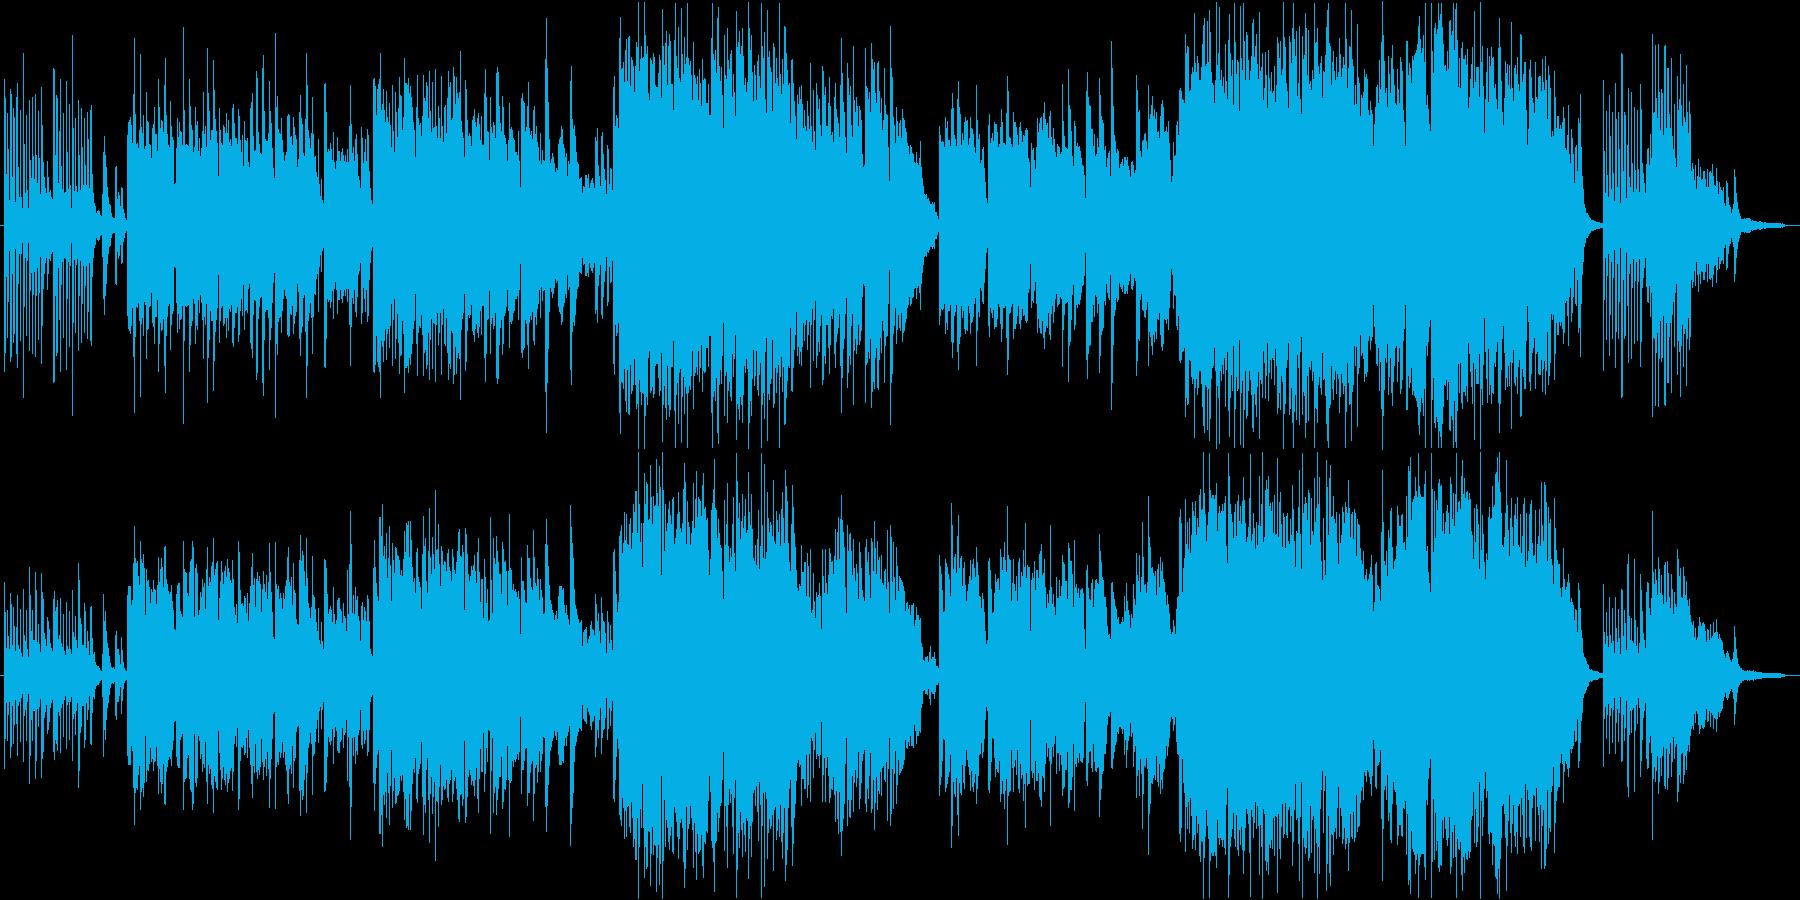 懐かしさ漂うほのぼのとした感動的和風曲の再生済みの波形